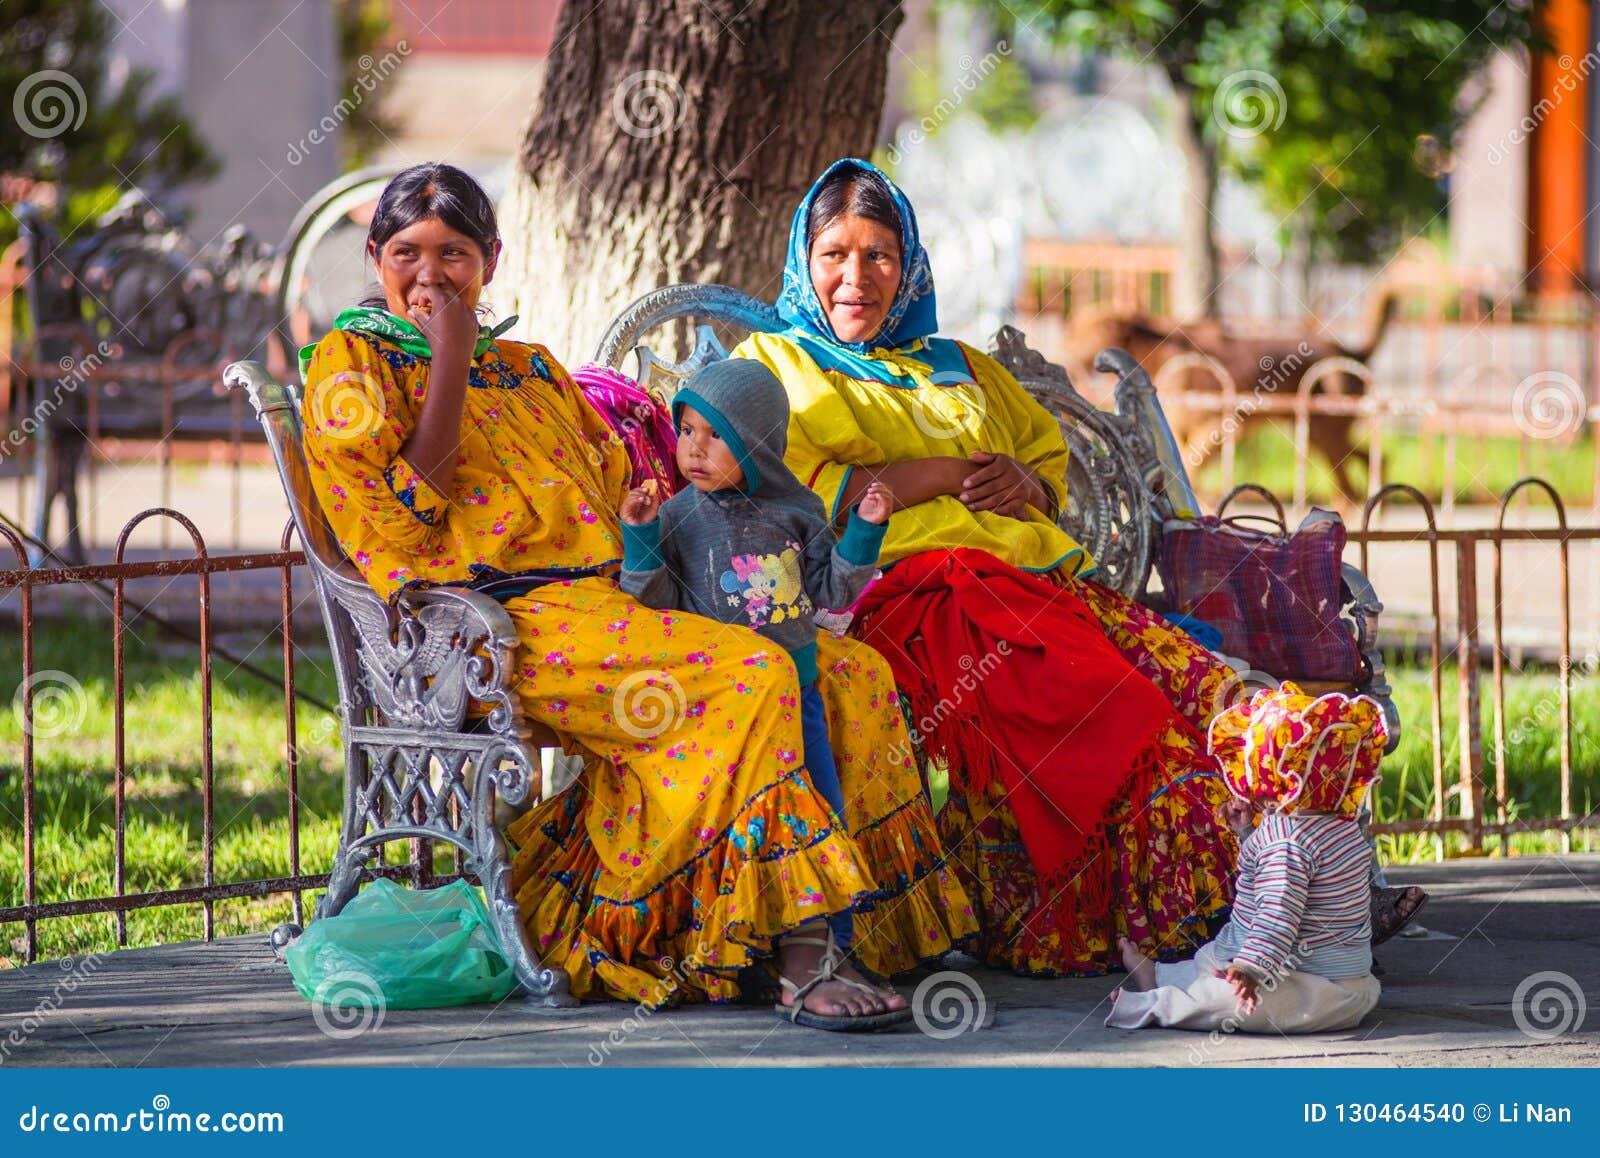 Señora Y Niños Indígenas Nativos En Vestido Colorido